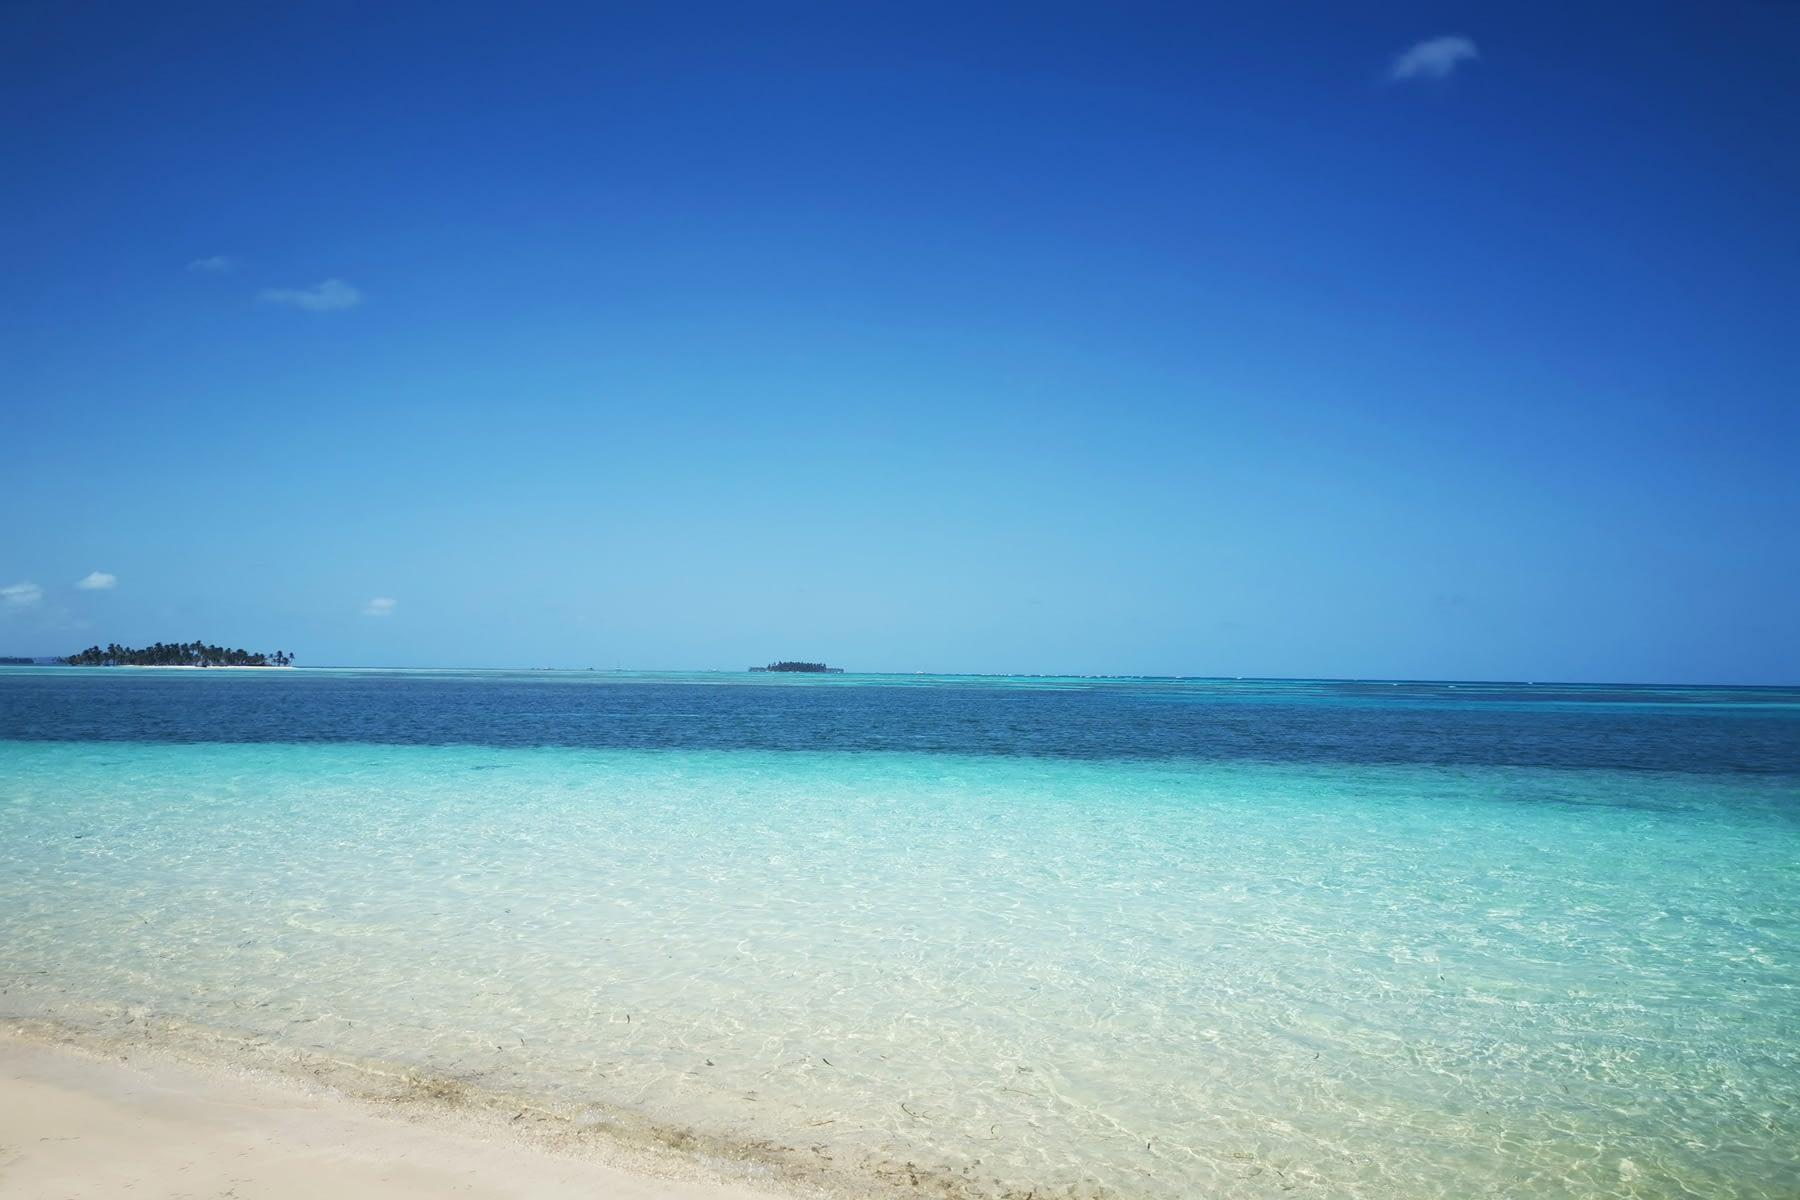 Vista de la Playa en la isla Masargandub